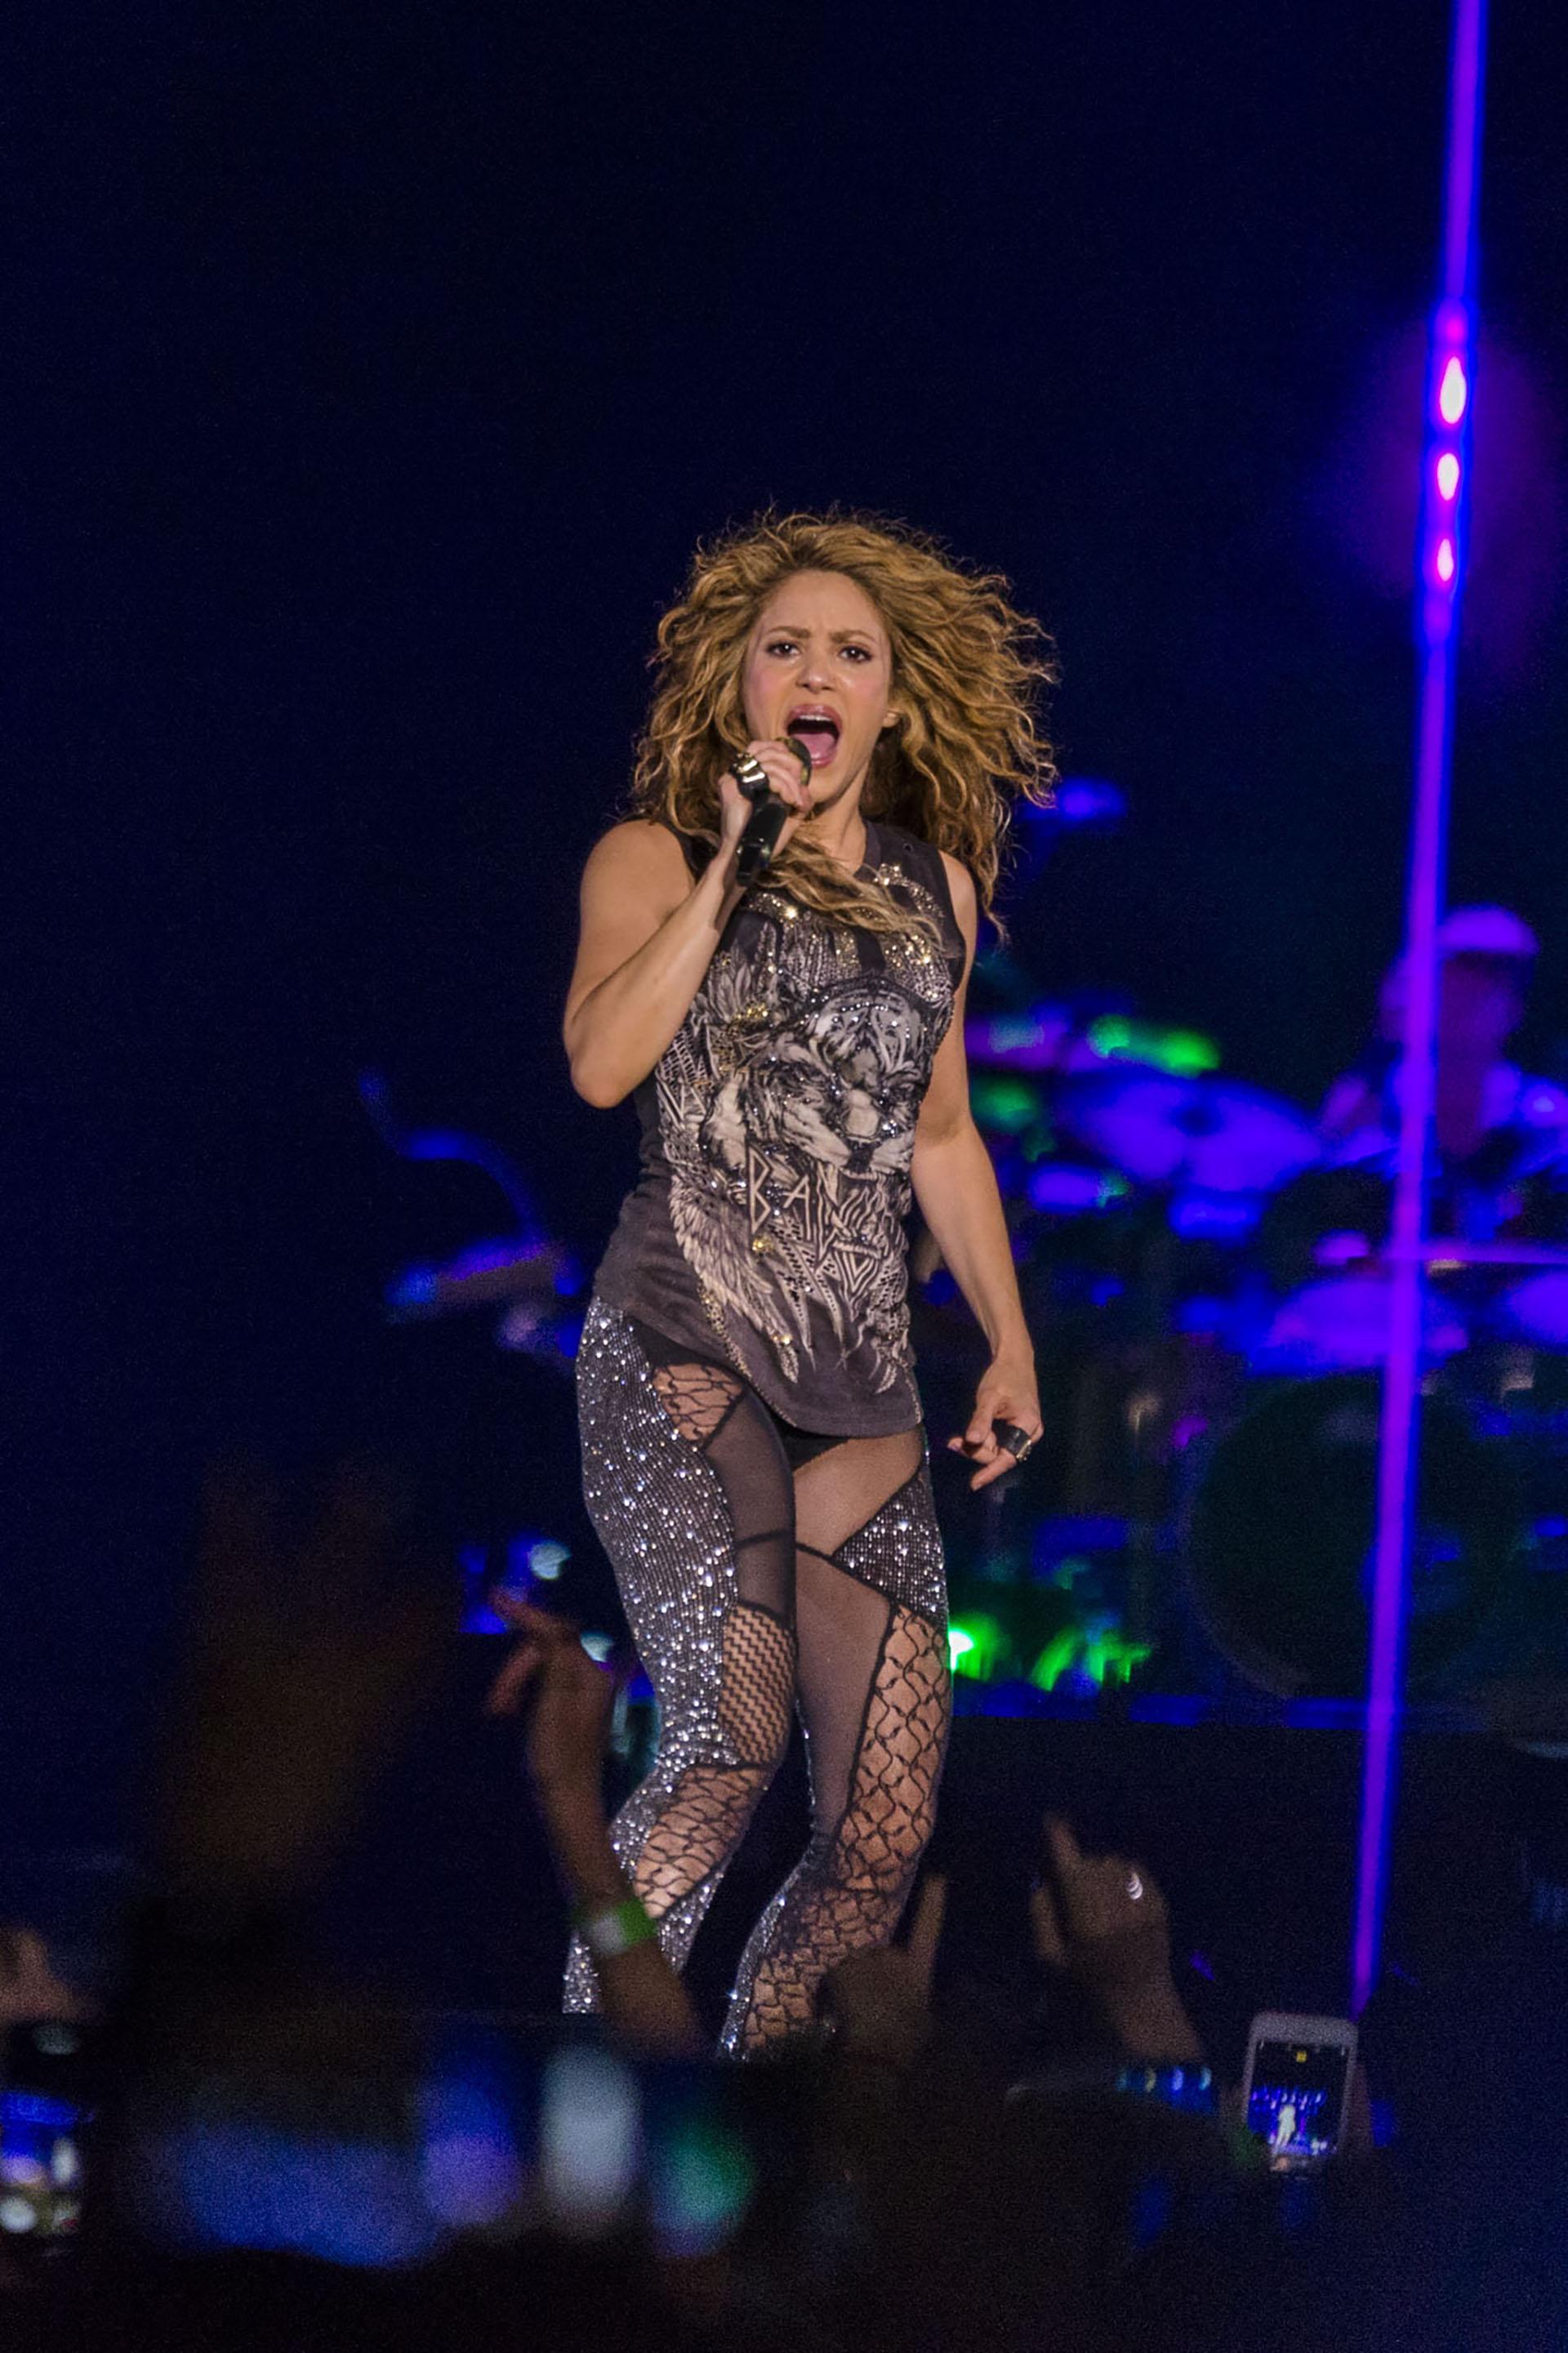 Shakira cantó ante un estadio repleto de seguidores el jueves por la noche. Fiel a su estilo, lució muy sexy sobre el escenario: una musculosa y unas calzas transparentes (Julieta Ferrario / Teleshow)